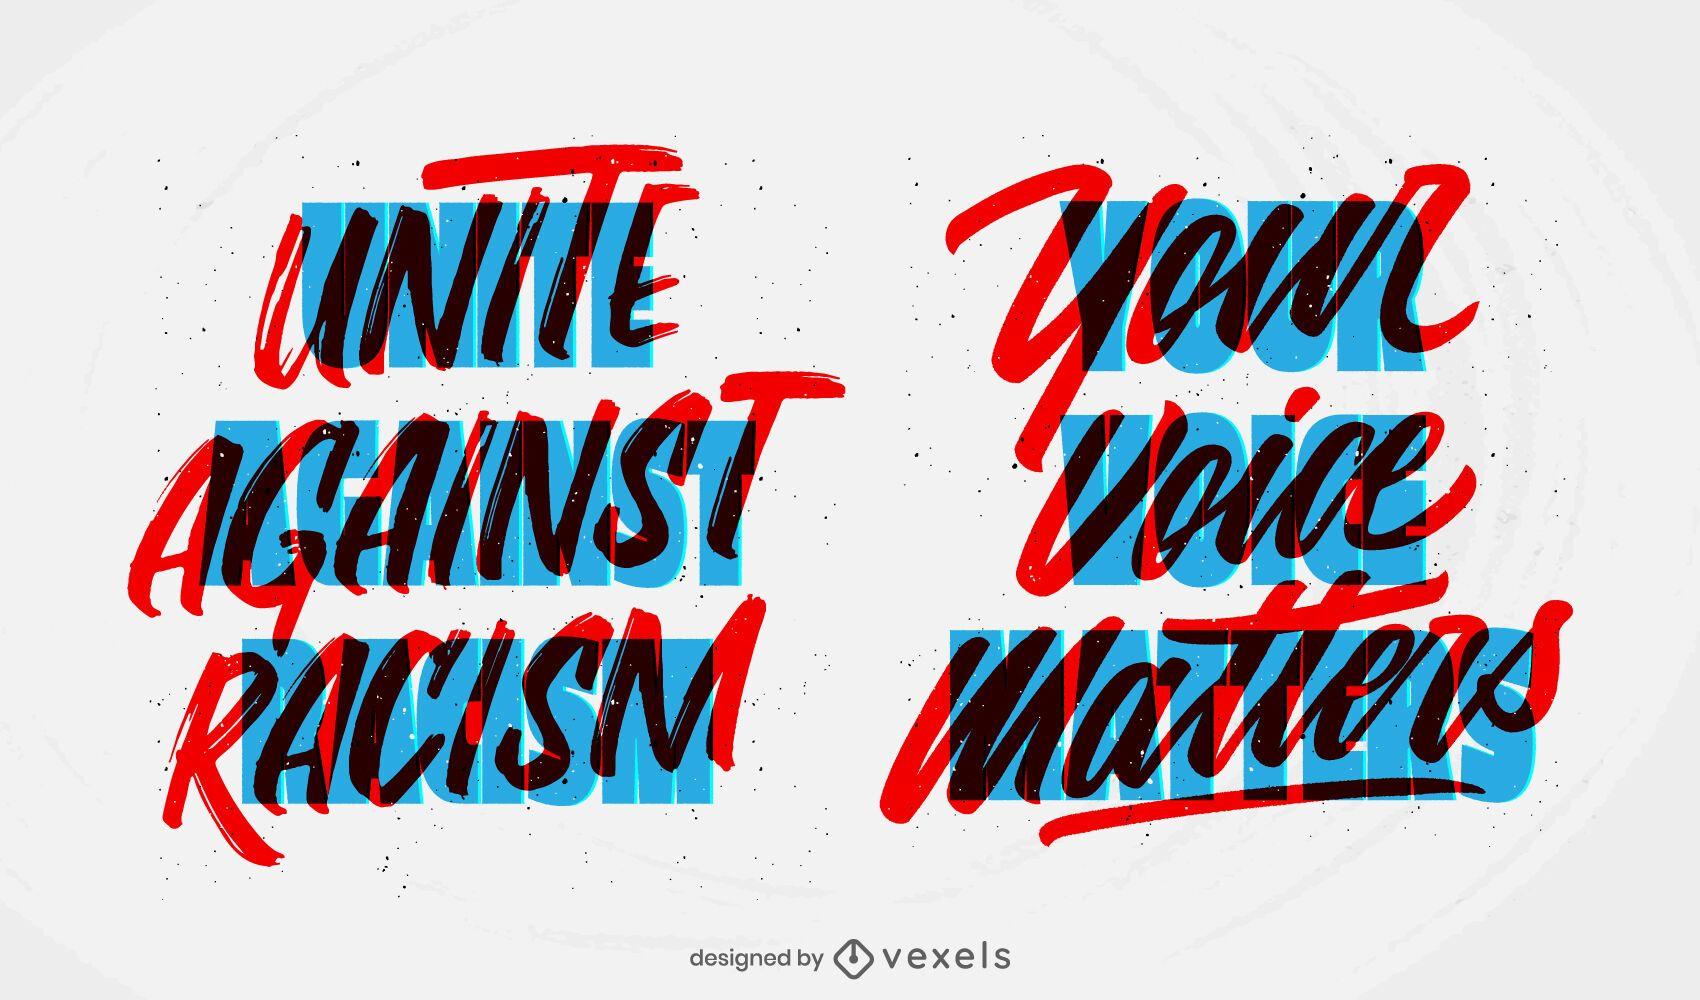 conjunto de letras unir-se contra o racismo